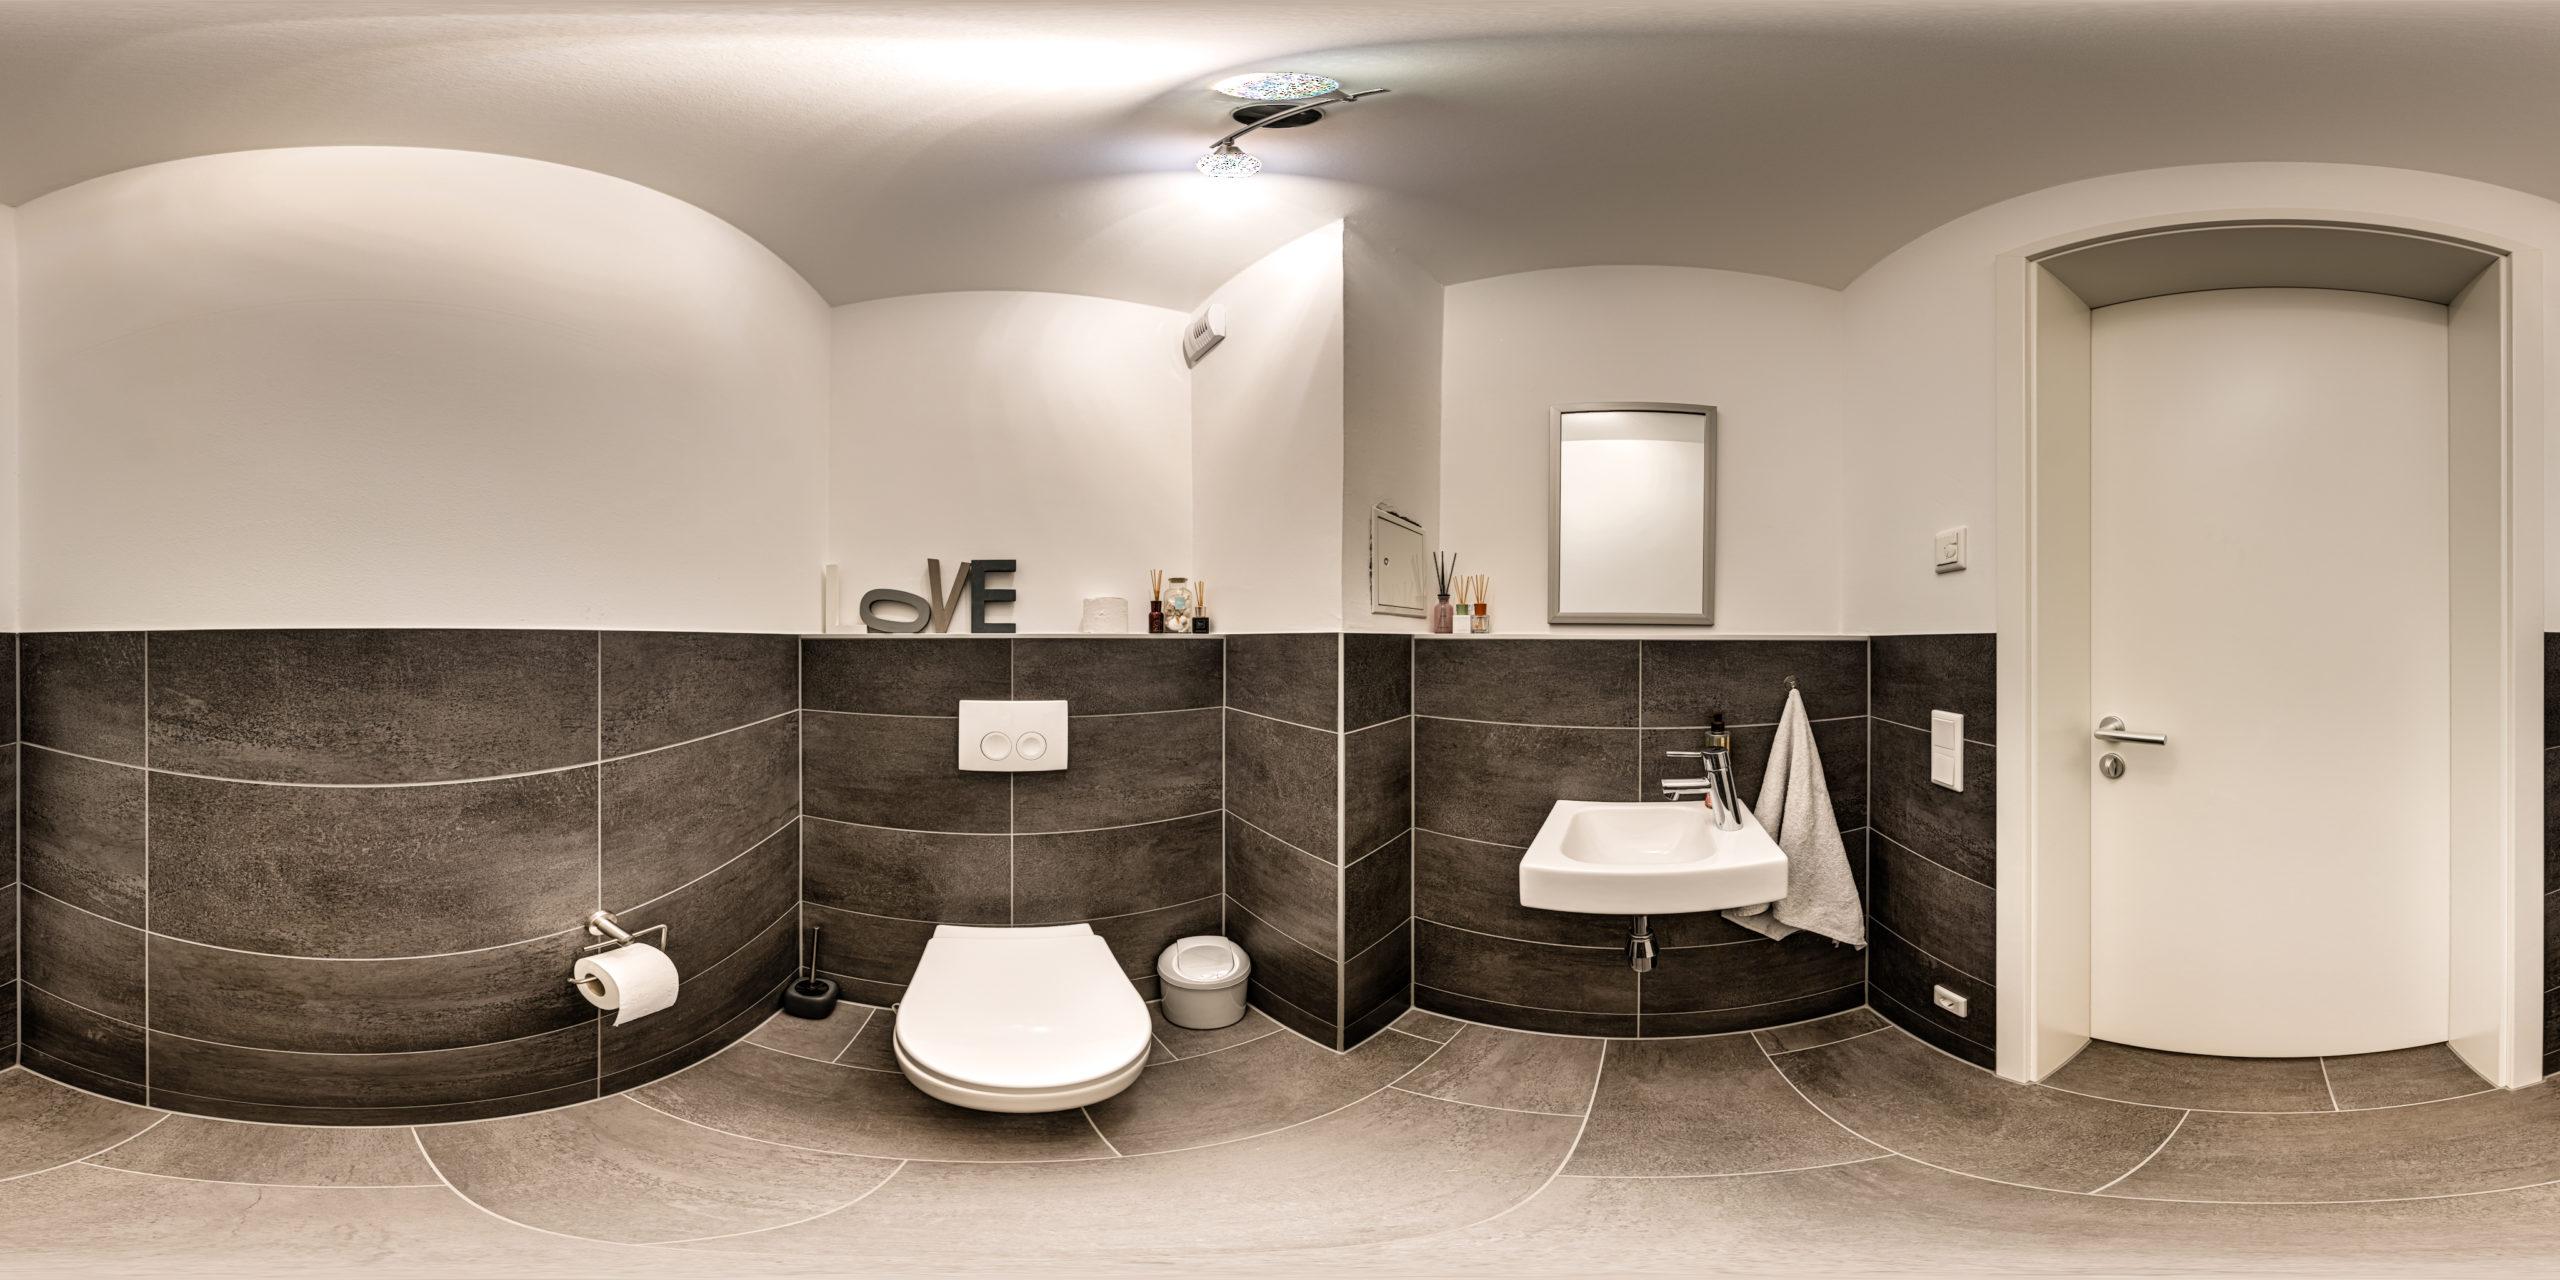 HDRI-Skies-Toilet-Georgensgmünd